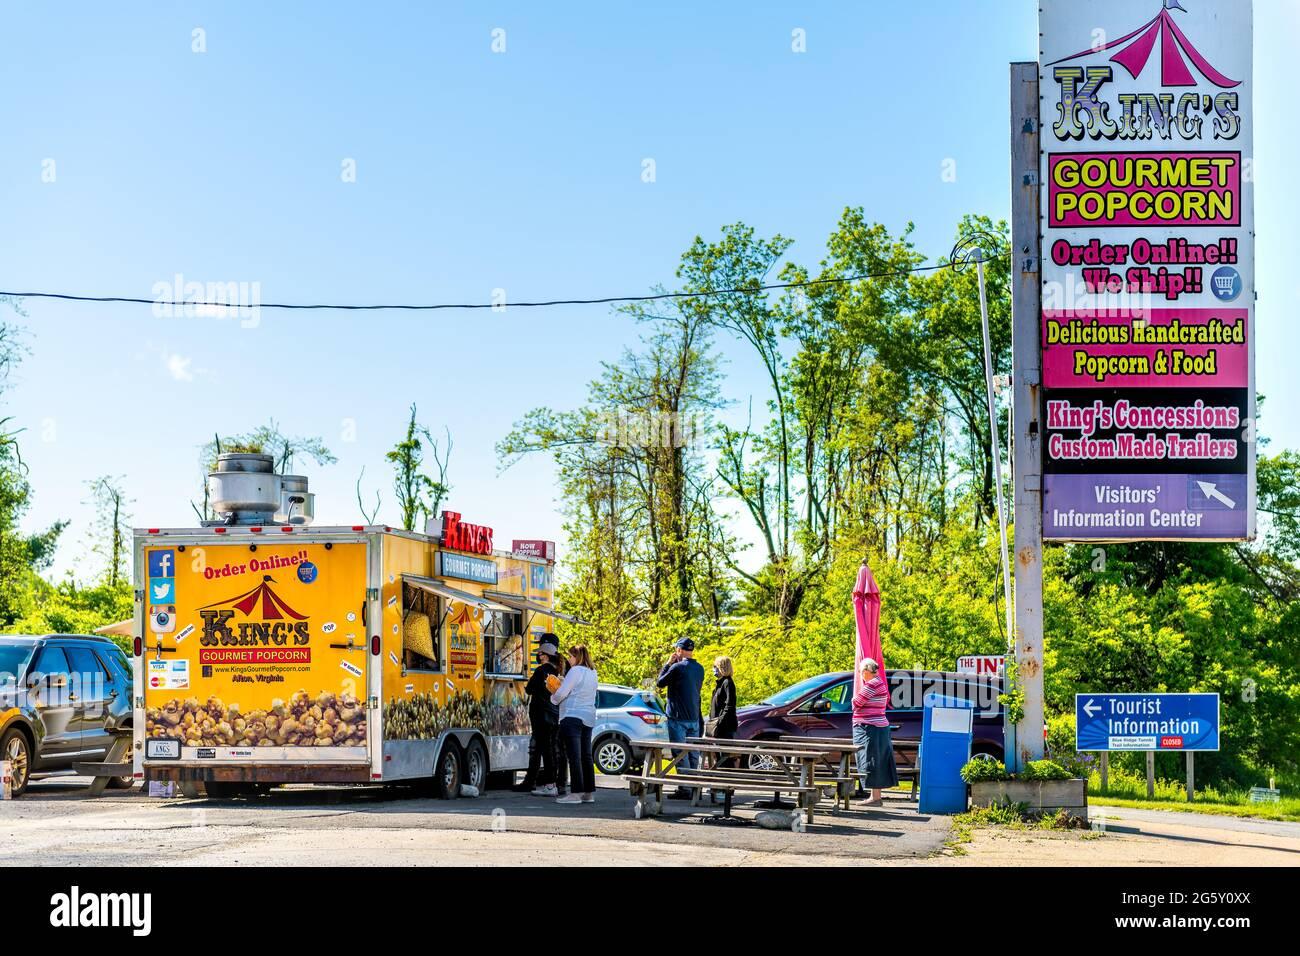 Waynesboro, EE.UU. - 8 de mayo de 2021: Ciudad de la ciudad en Virginia rural con el cartel de King's tienda de palomitas gourmet tienda de alimentos camiones edificio cerca de Blue Ridge Parkway Foto de stock